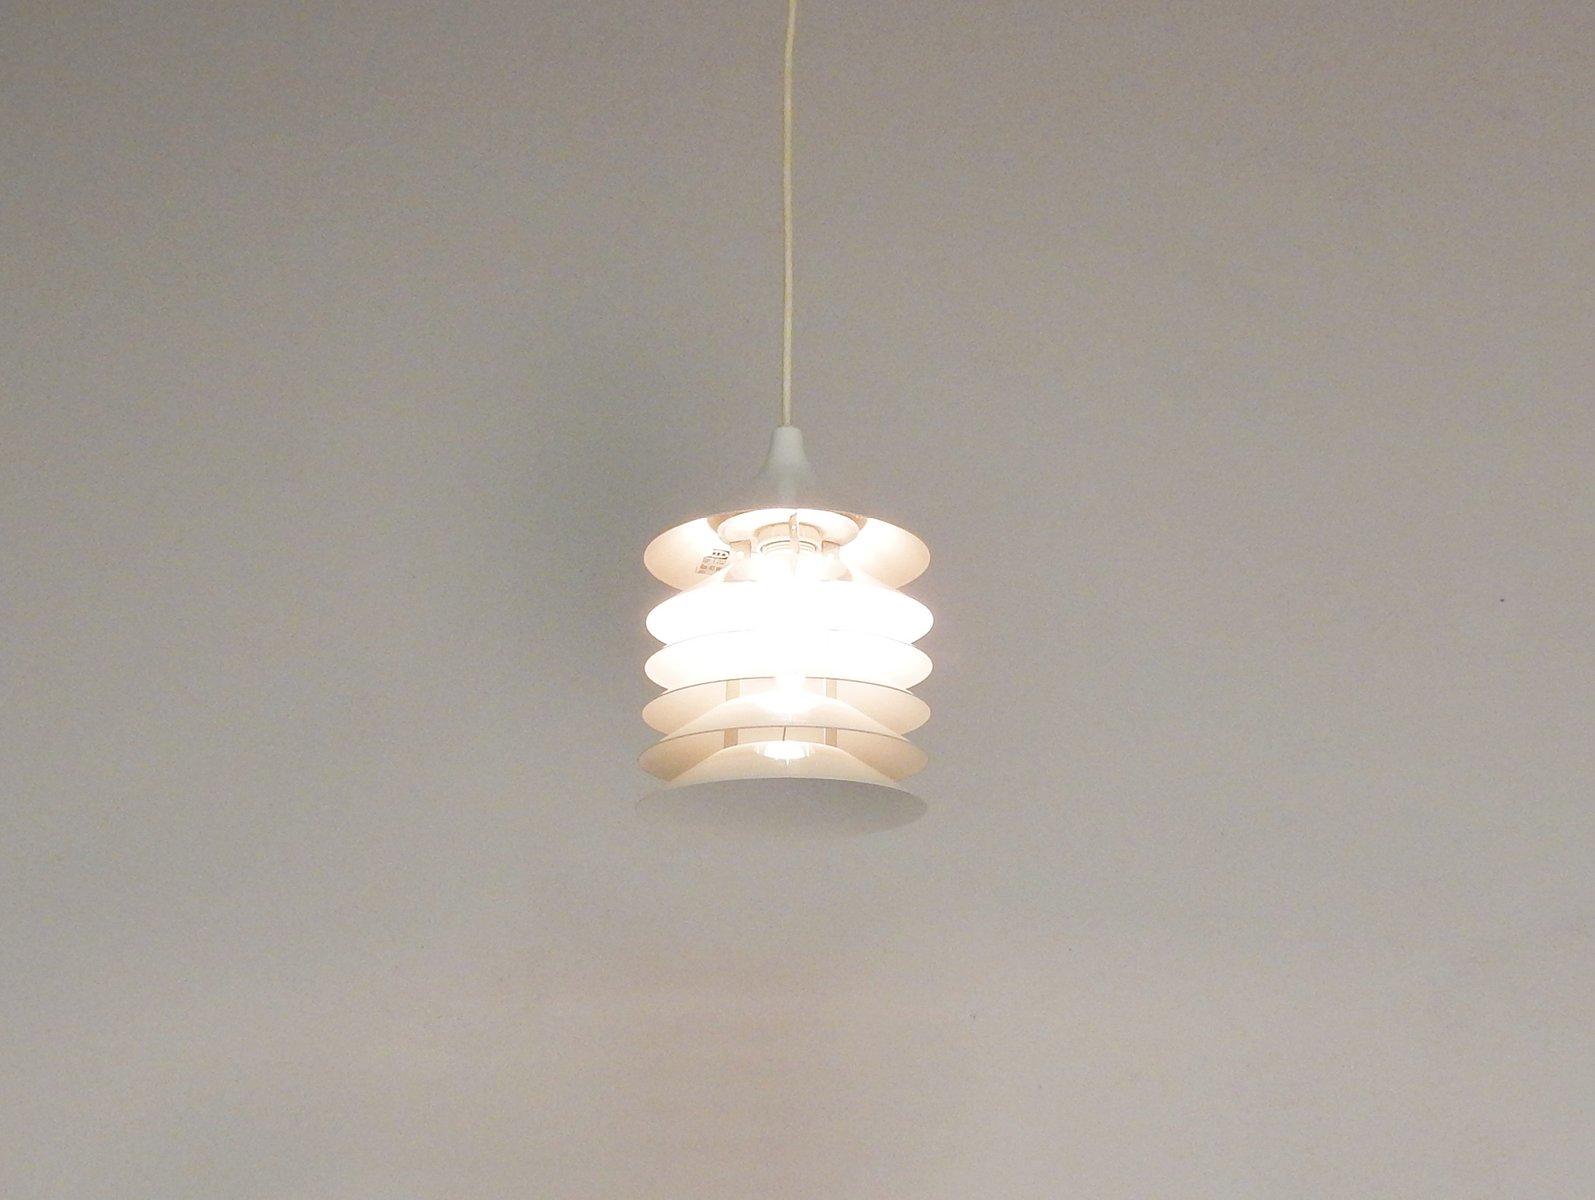 Full Size of Hängelampen Ikea Sad823c36 Lampen Hngelampen Saamvedmediacom Betten Bei Küche Kosten Kaufen Modulküche Miniküche 160x200 Sofa Mit Schlaffunktion Wohnzimmer Hängelampen Ikea